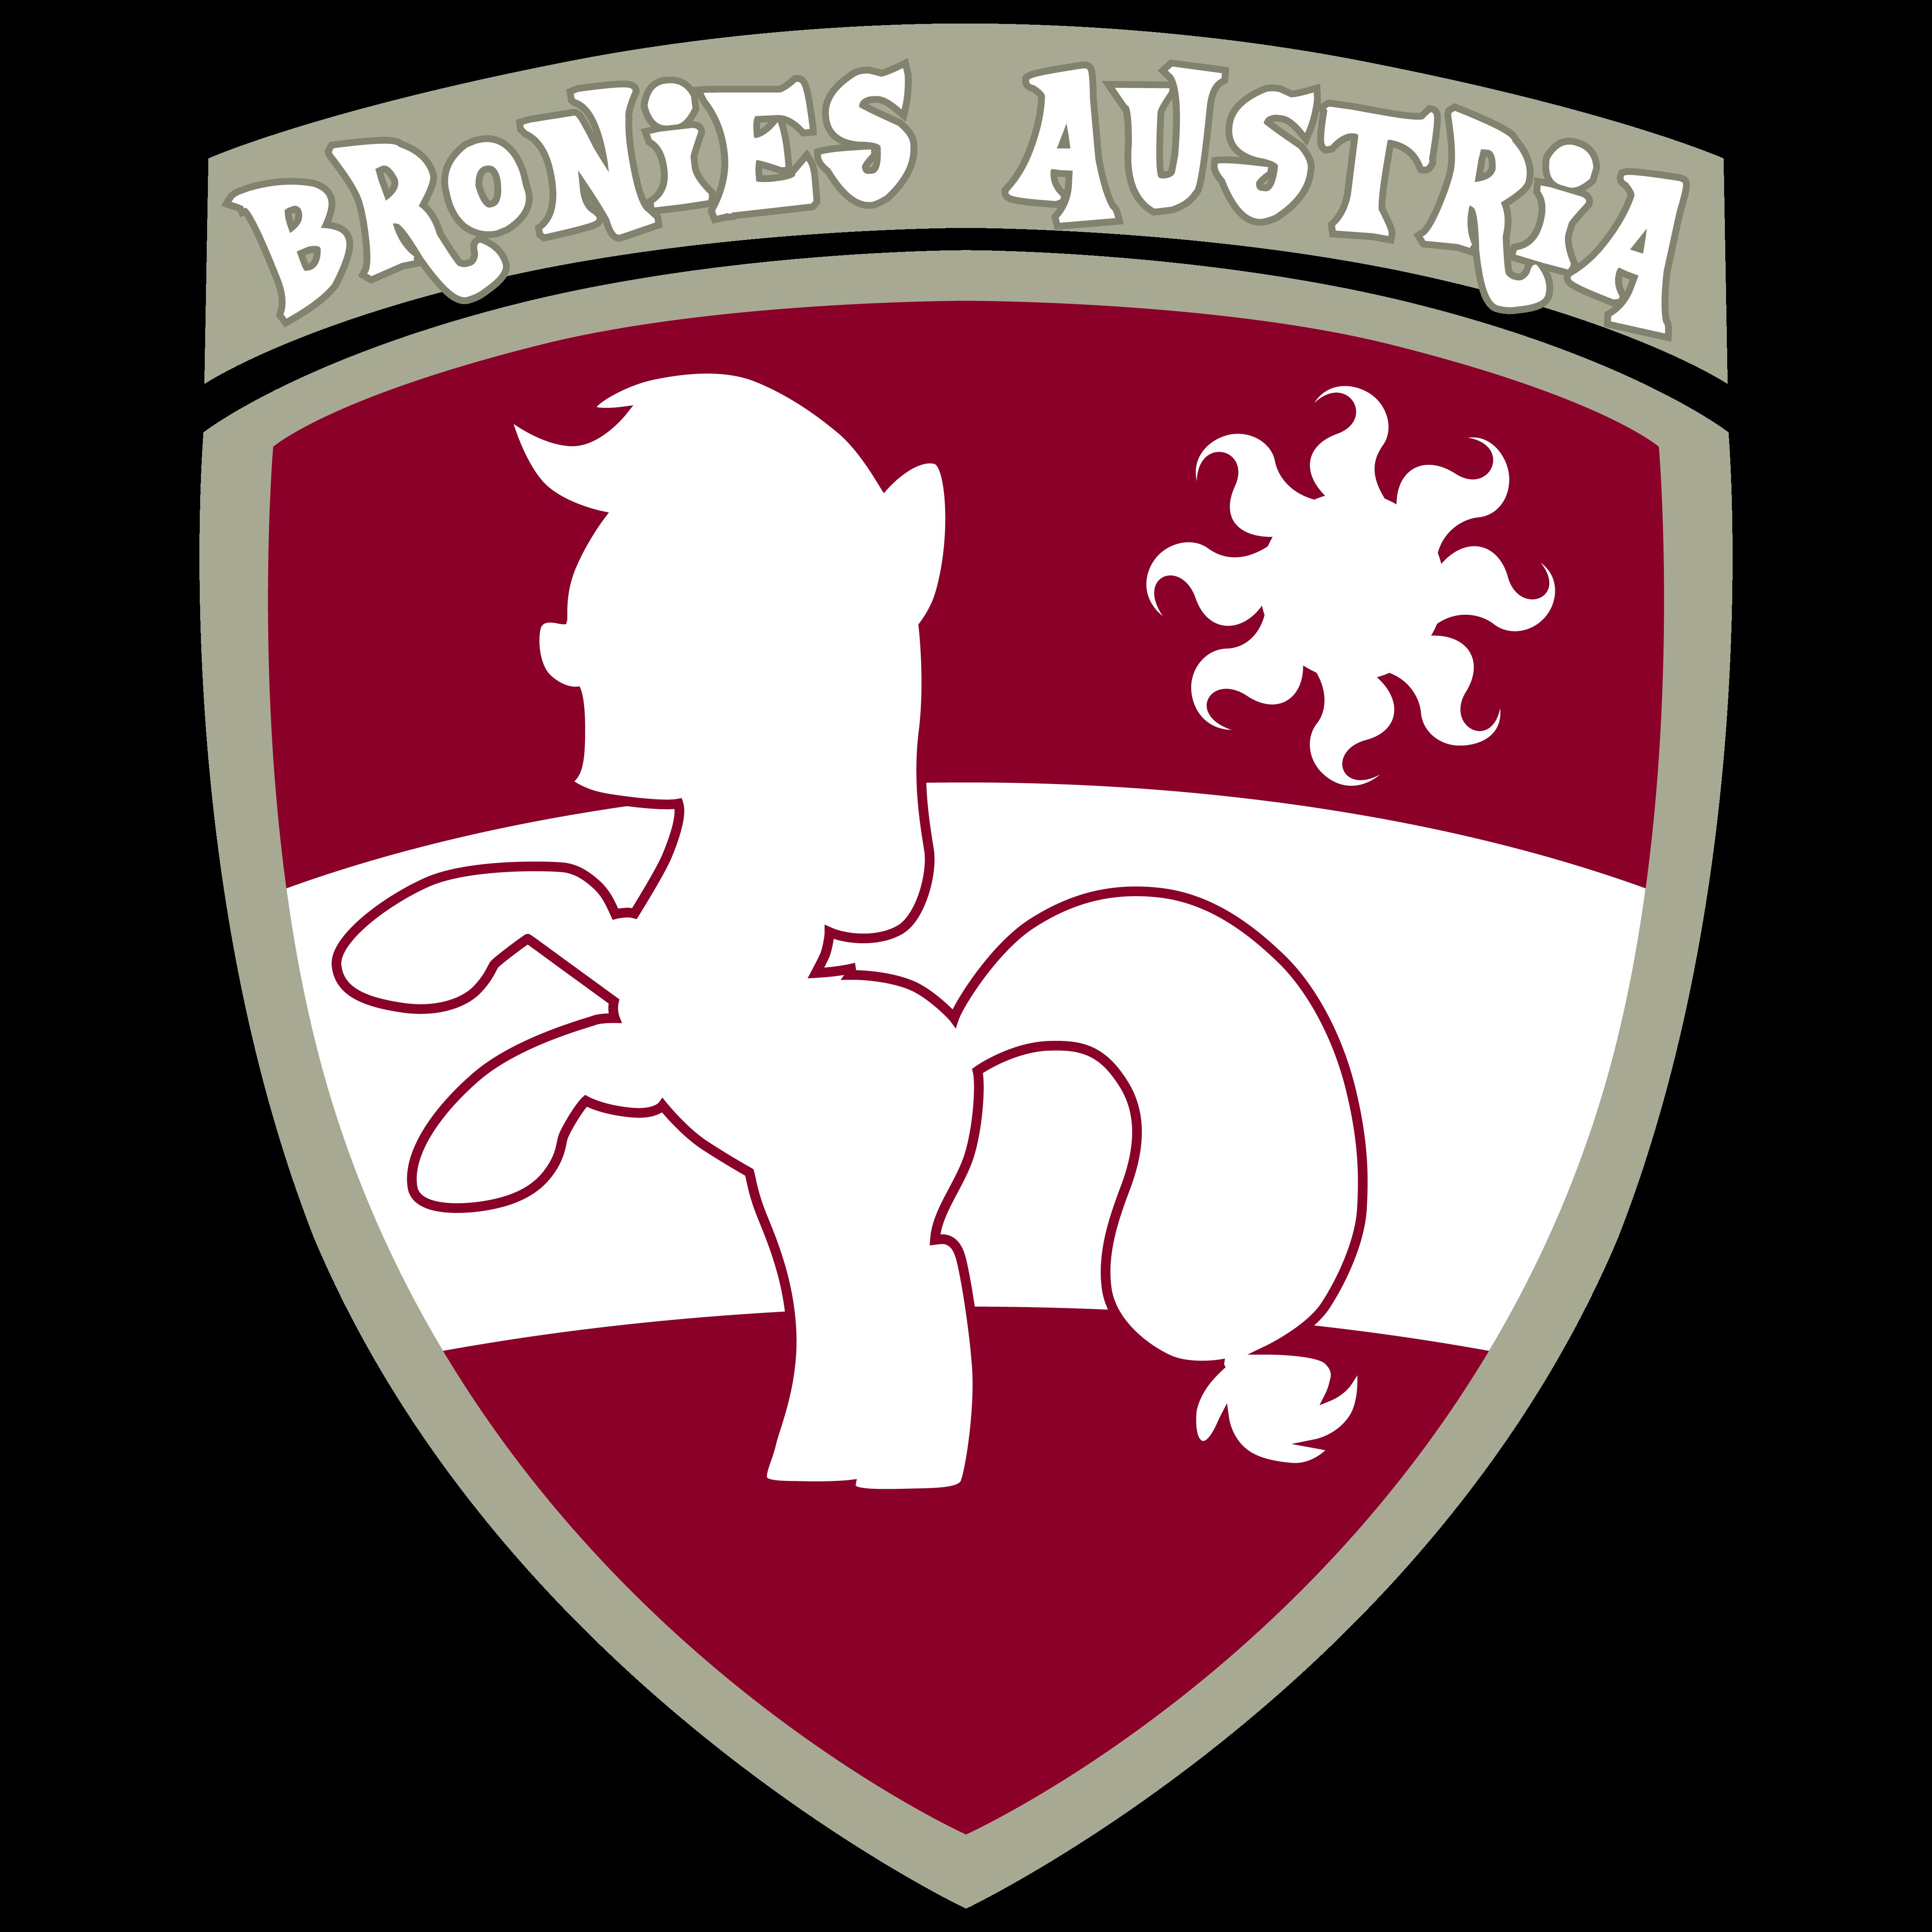 Bronies Austria - Radio